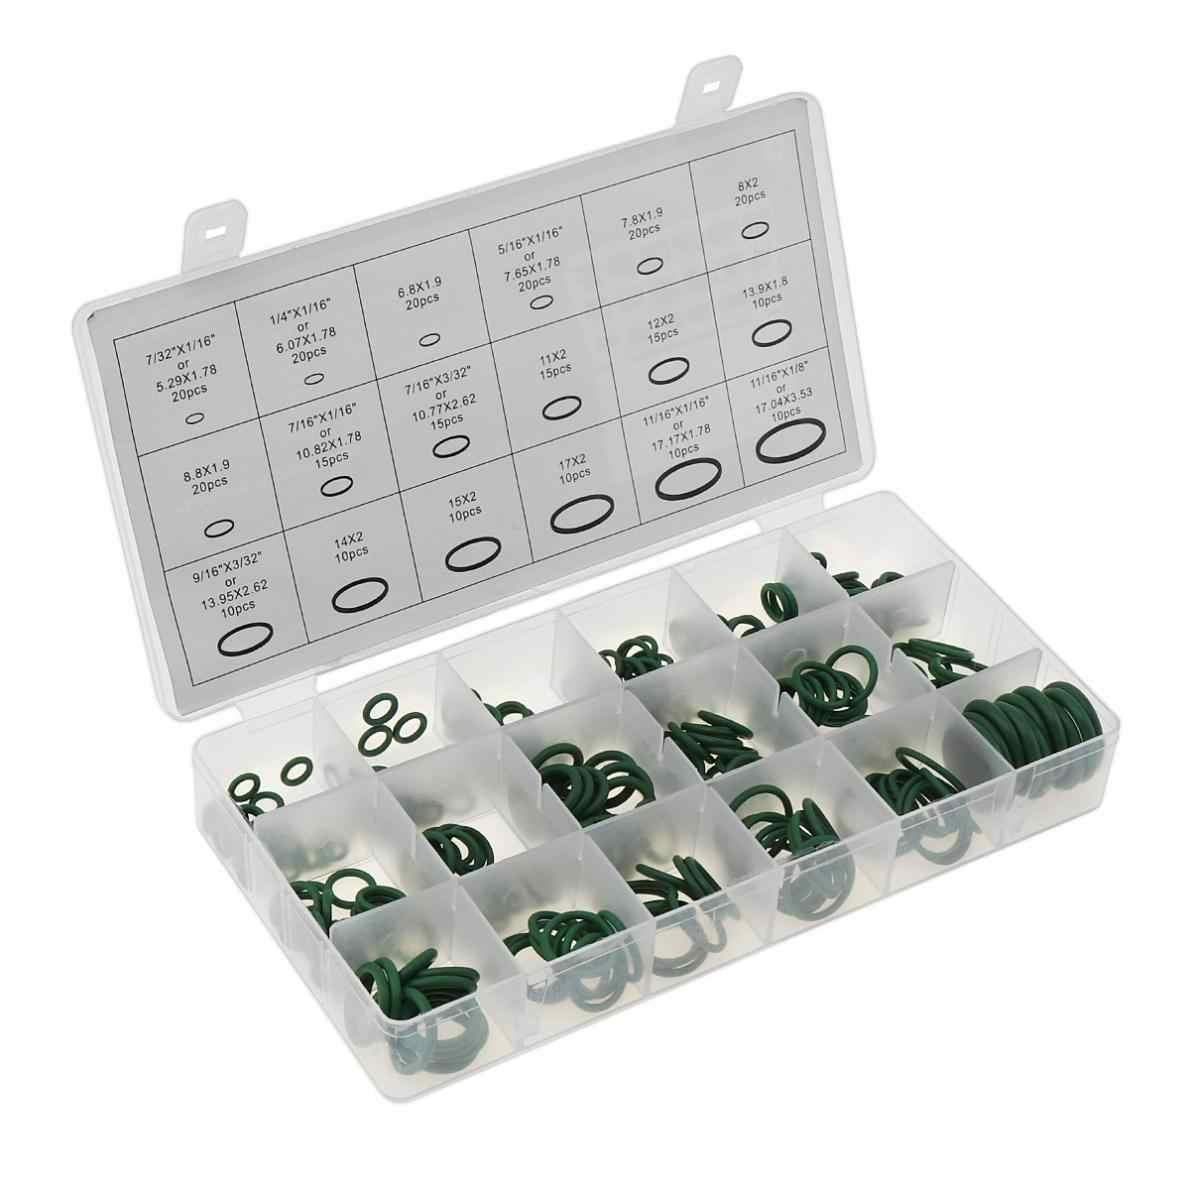 270 sztuk/partia wysokiej temperatury gumy o-ring zielony zestaw uszczelek zestaw uszczelek samochodowych klimatyzacji czynnika chłodniczego